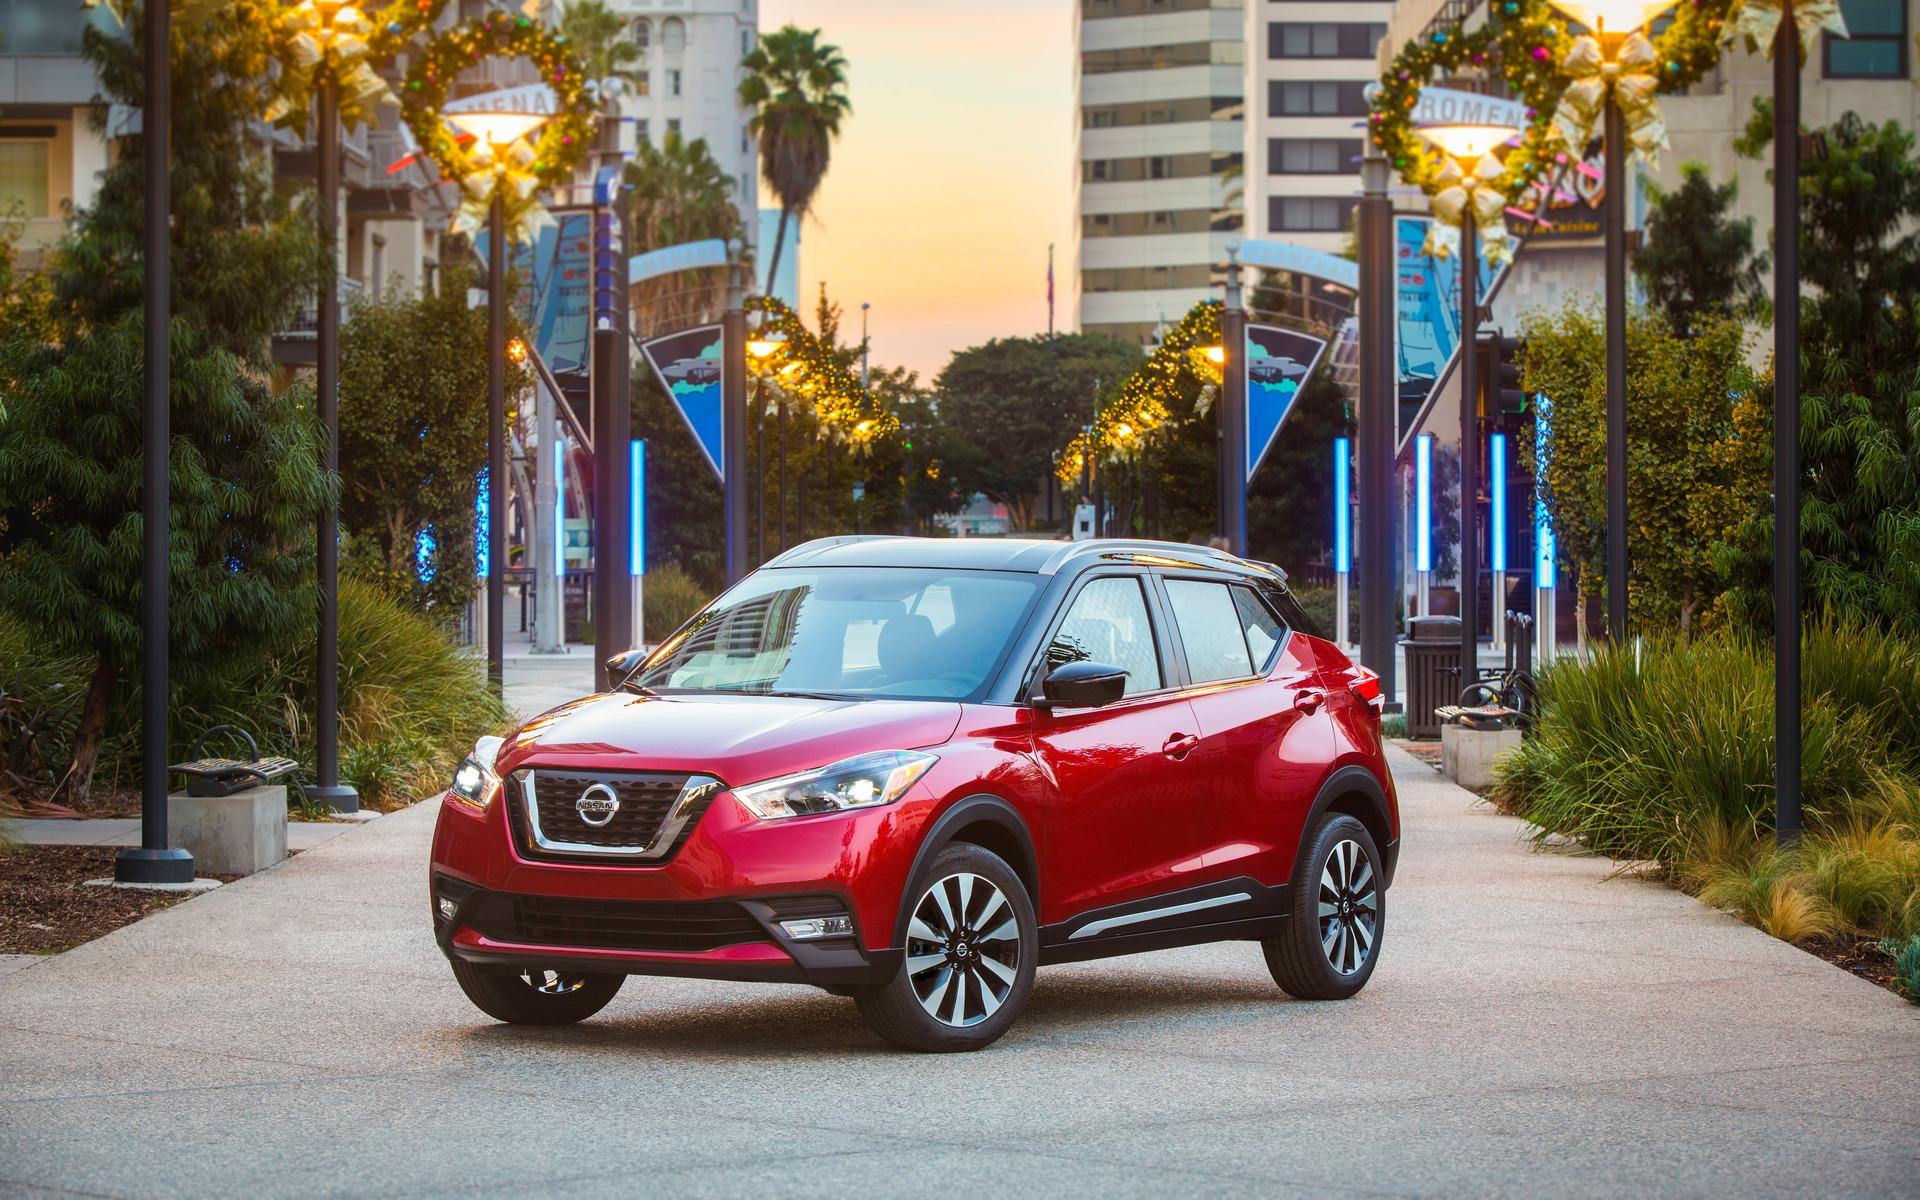 Nissan Kicks 2018 : un VUS pour ceux qui veulent faire semblant 361212_2018_Nissan_Kicks